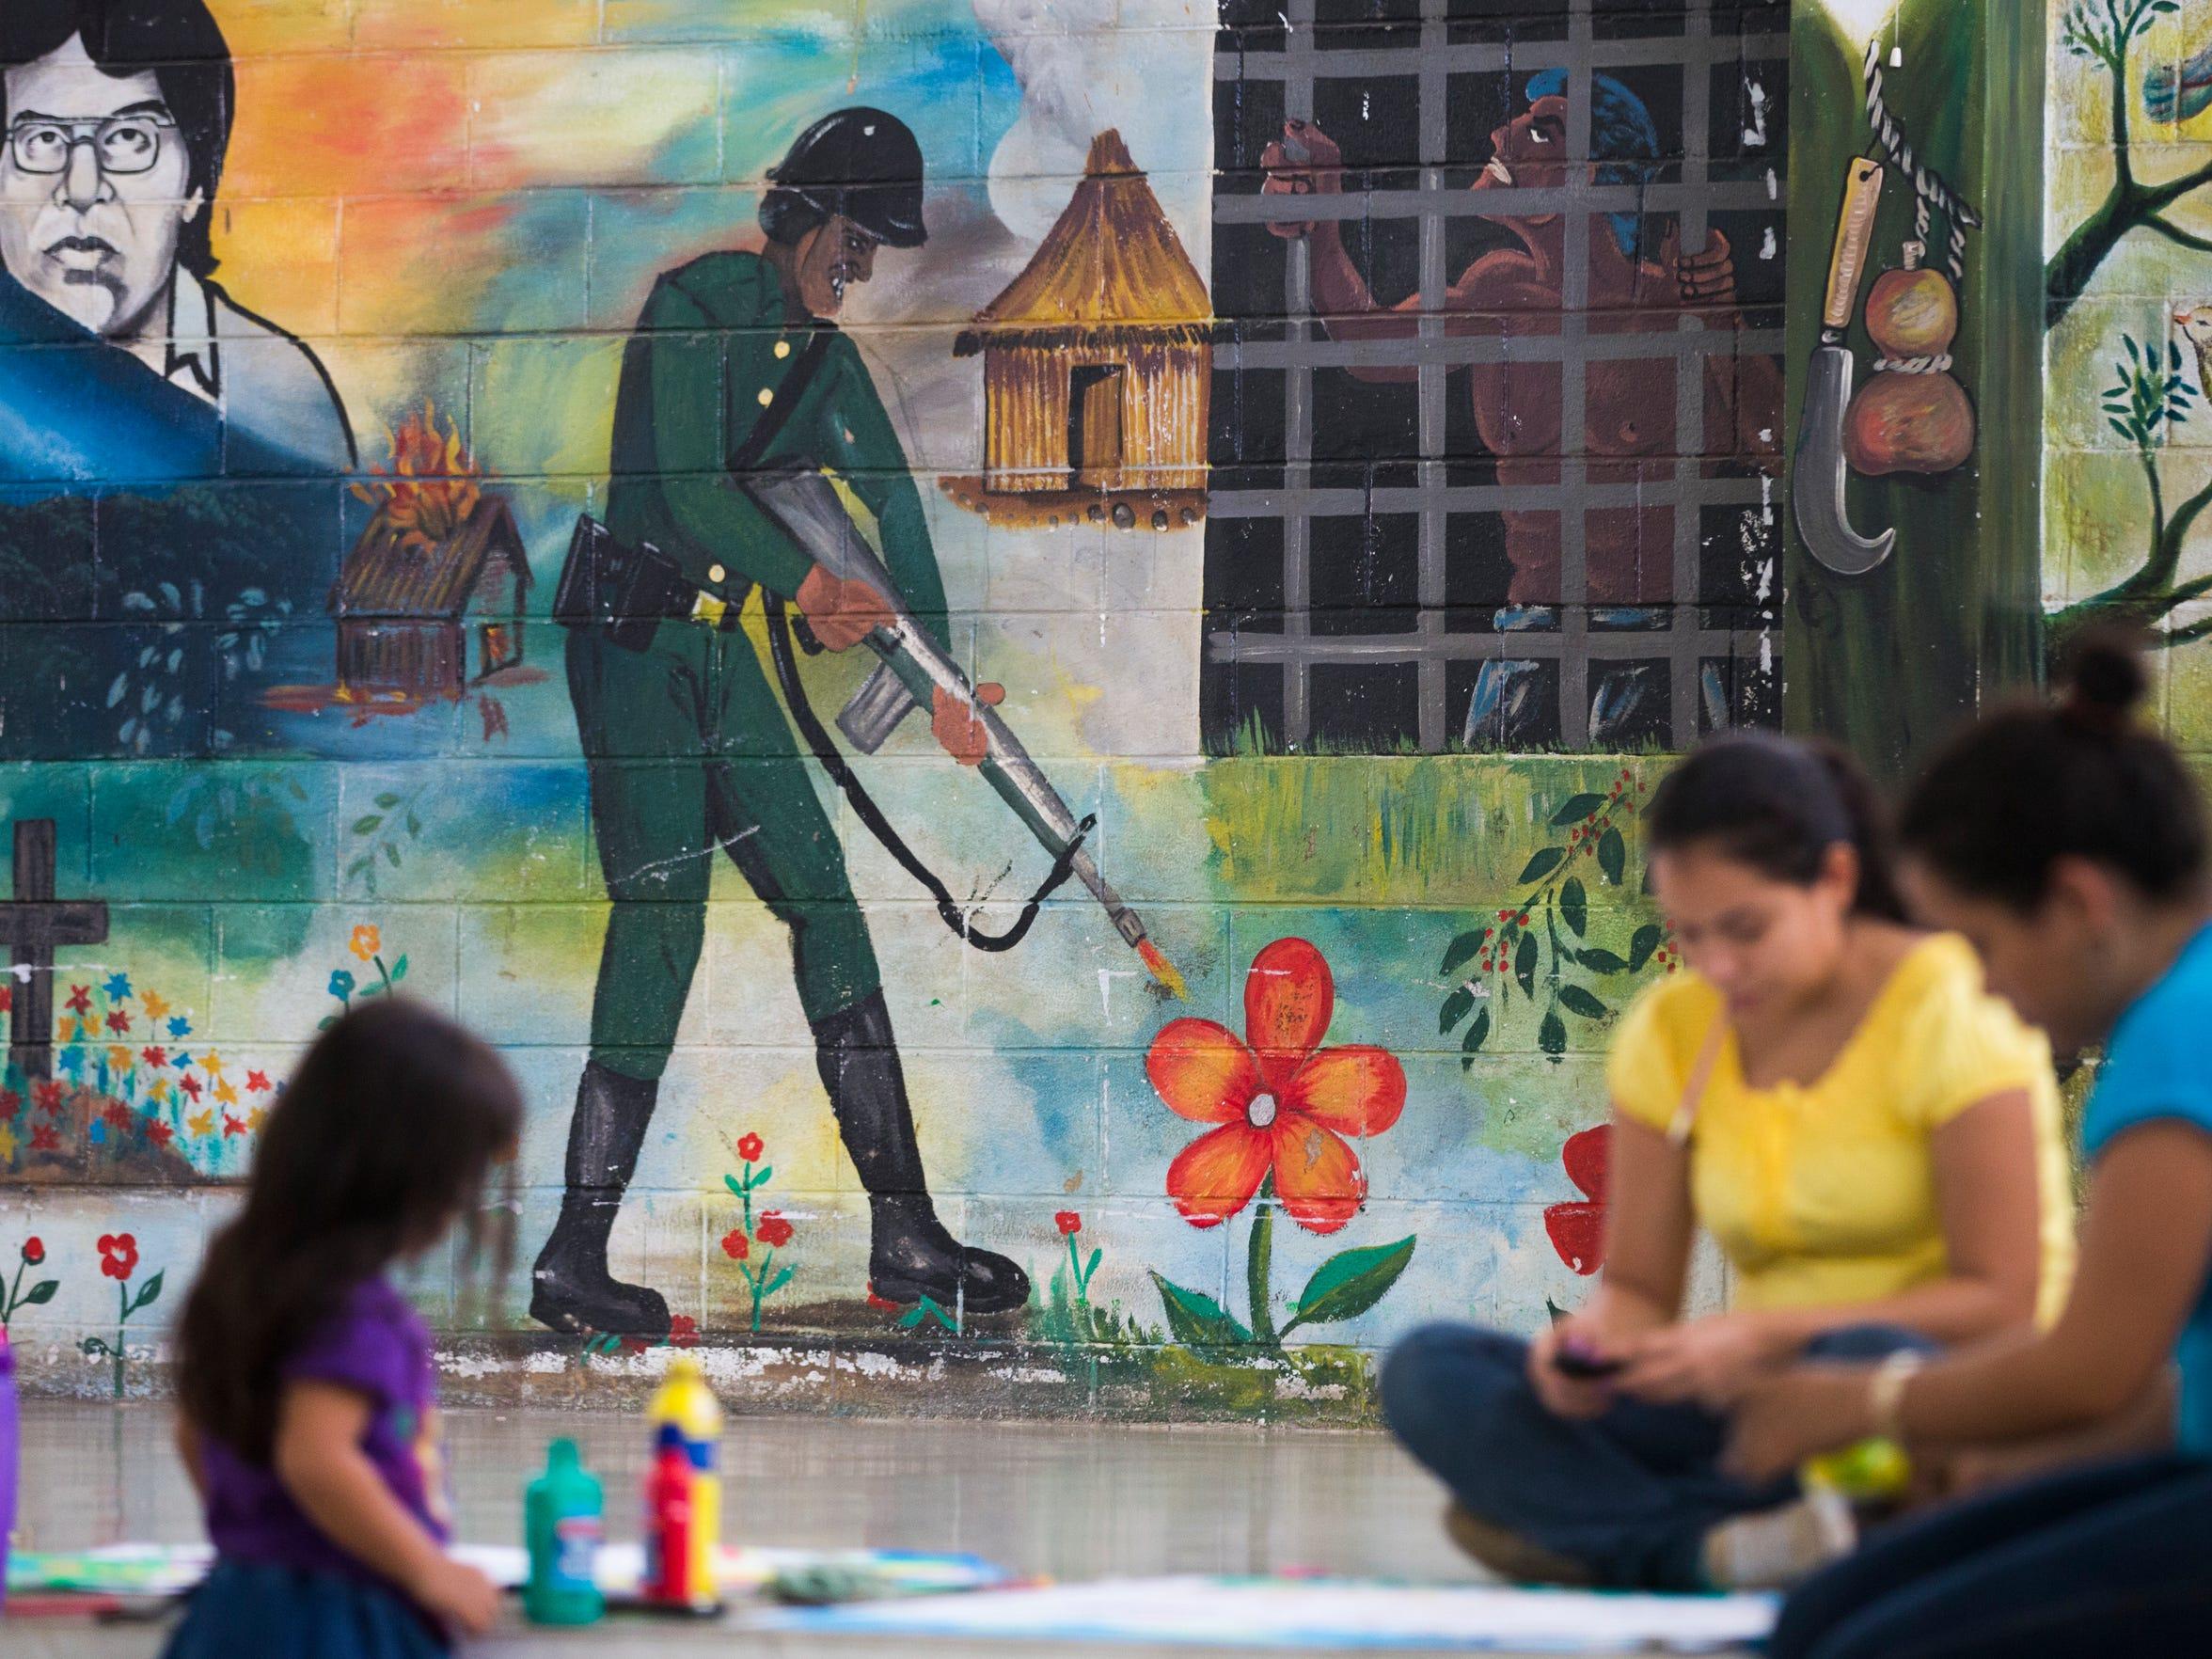 Violence in El Salvador is a constant presence, even